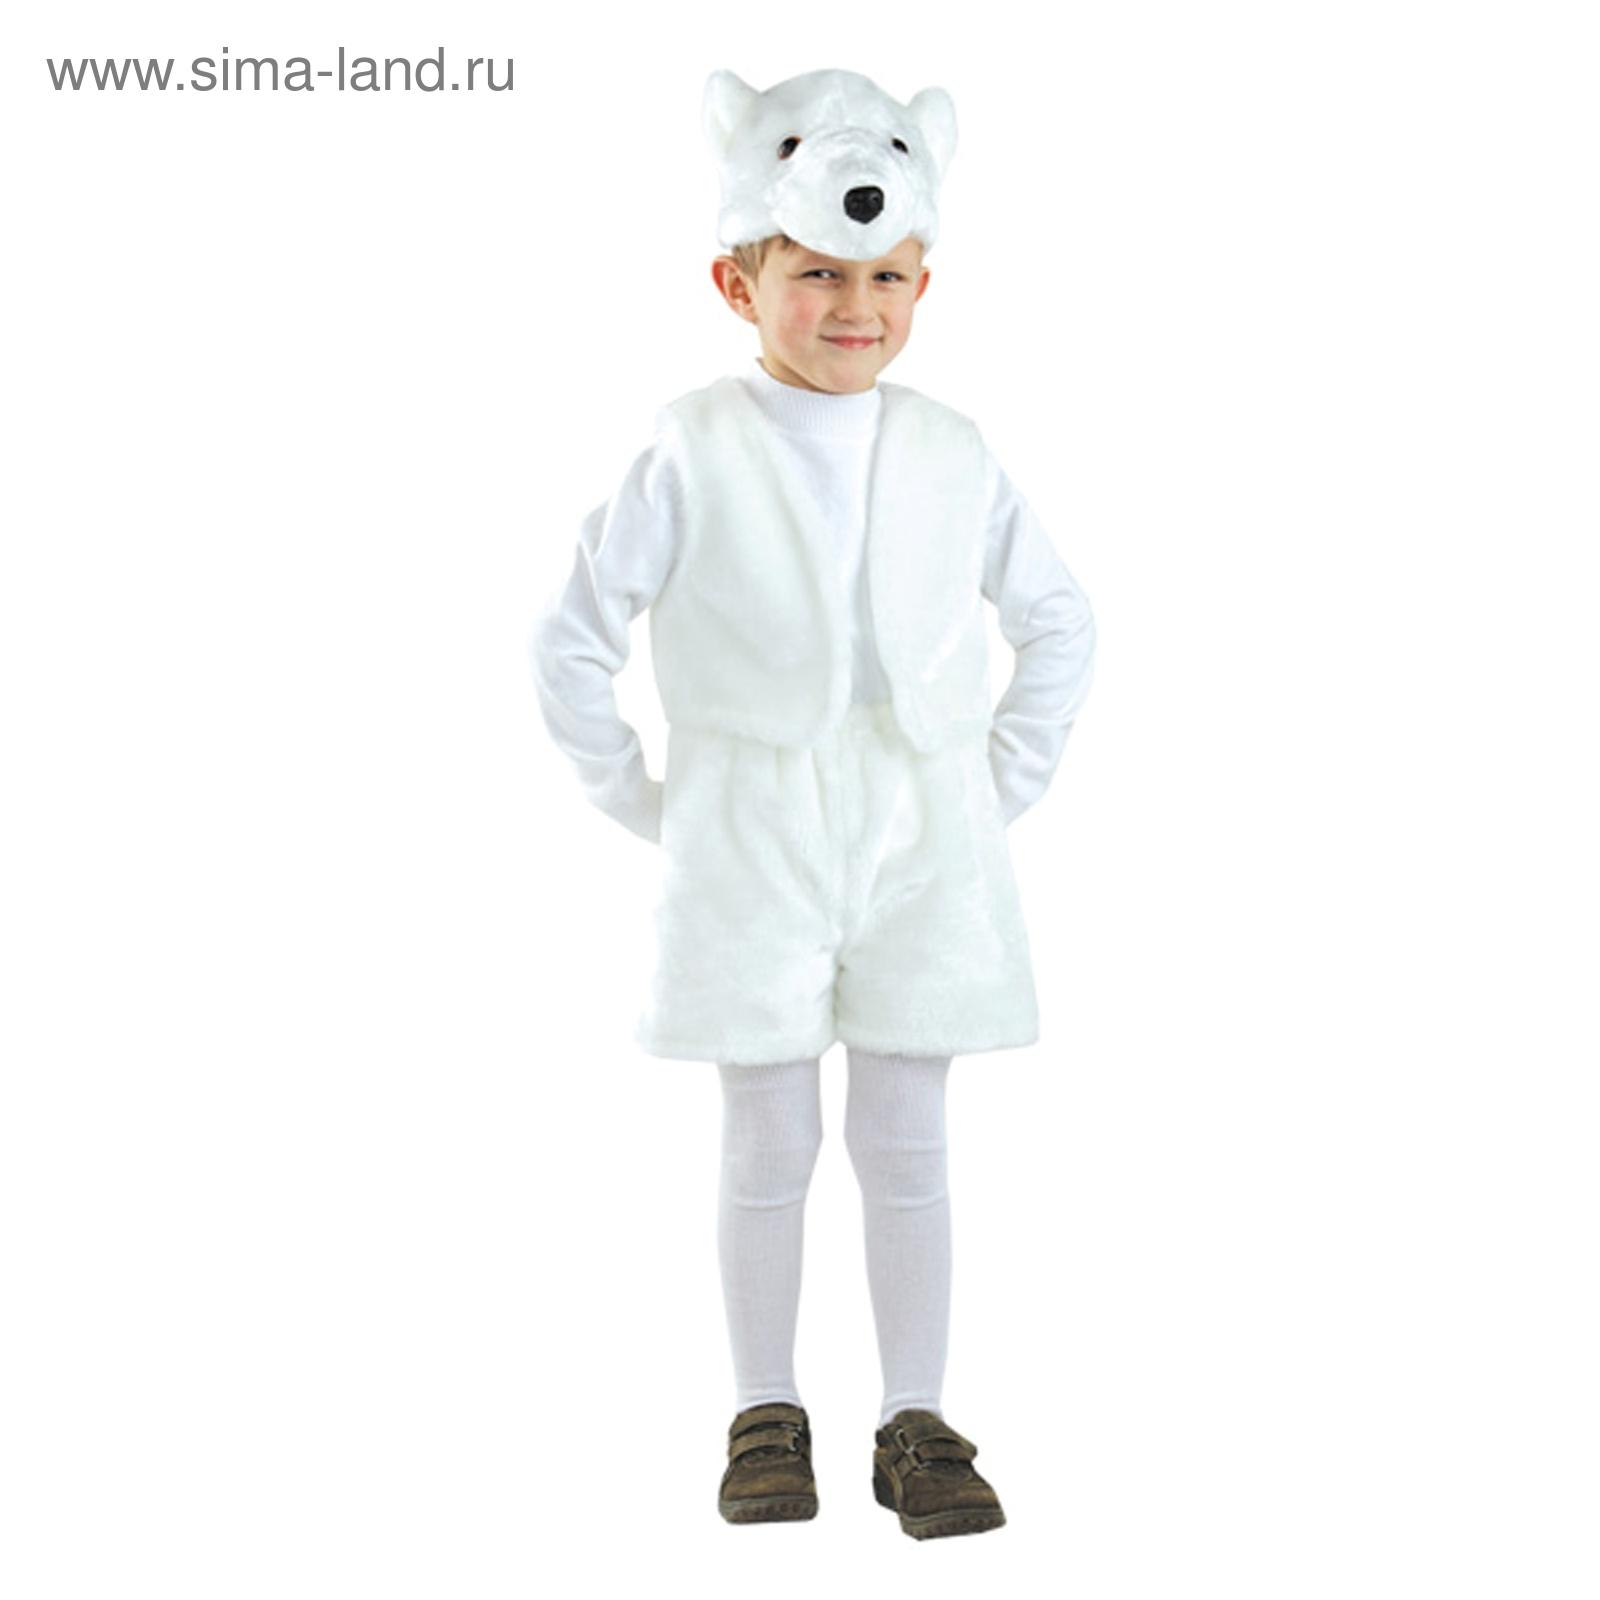 Карнавальный костюм «Белый медведь» b51edca63deab